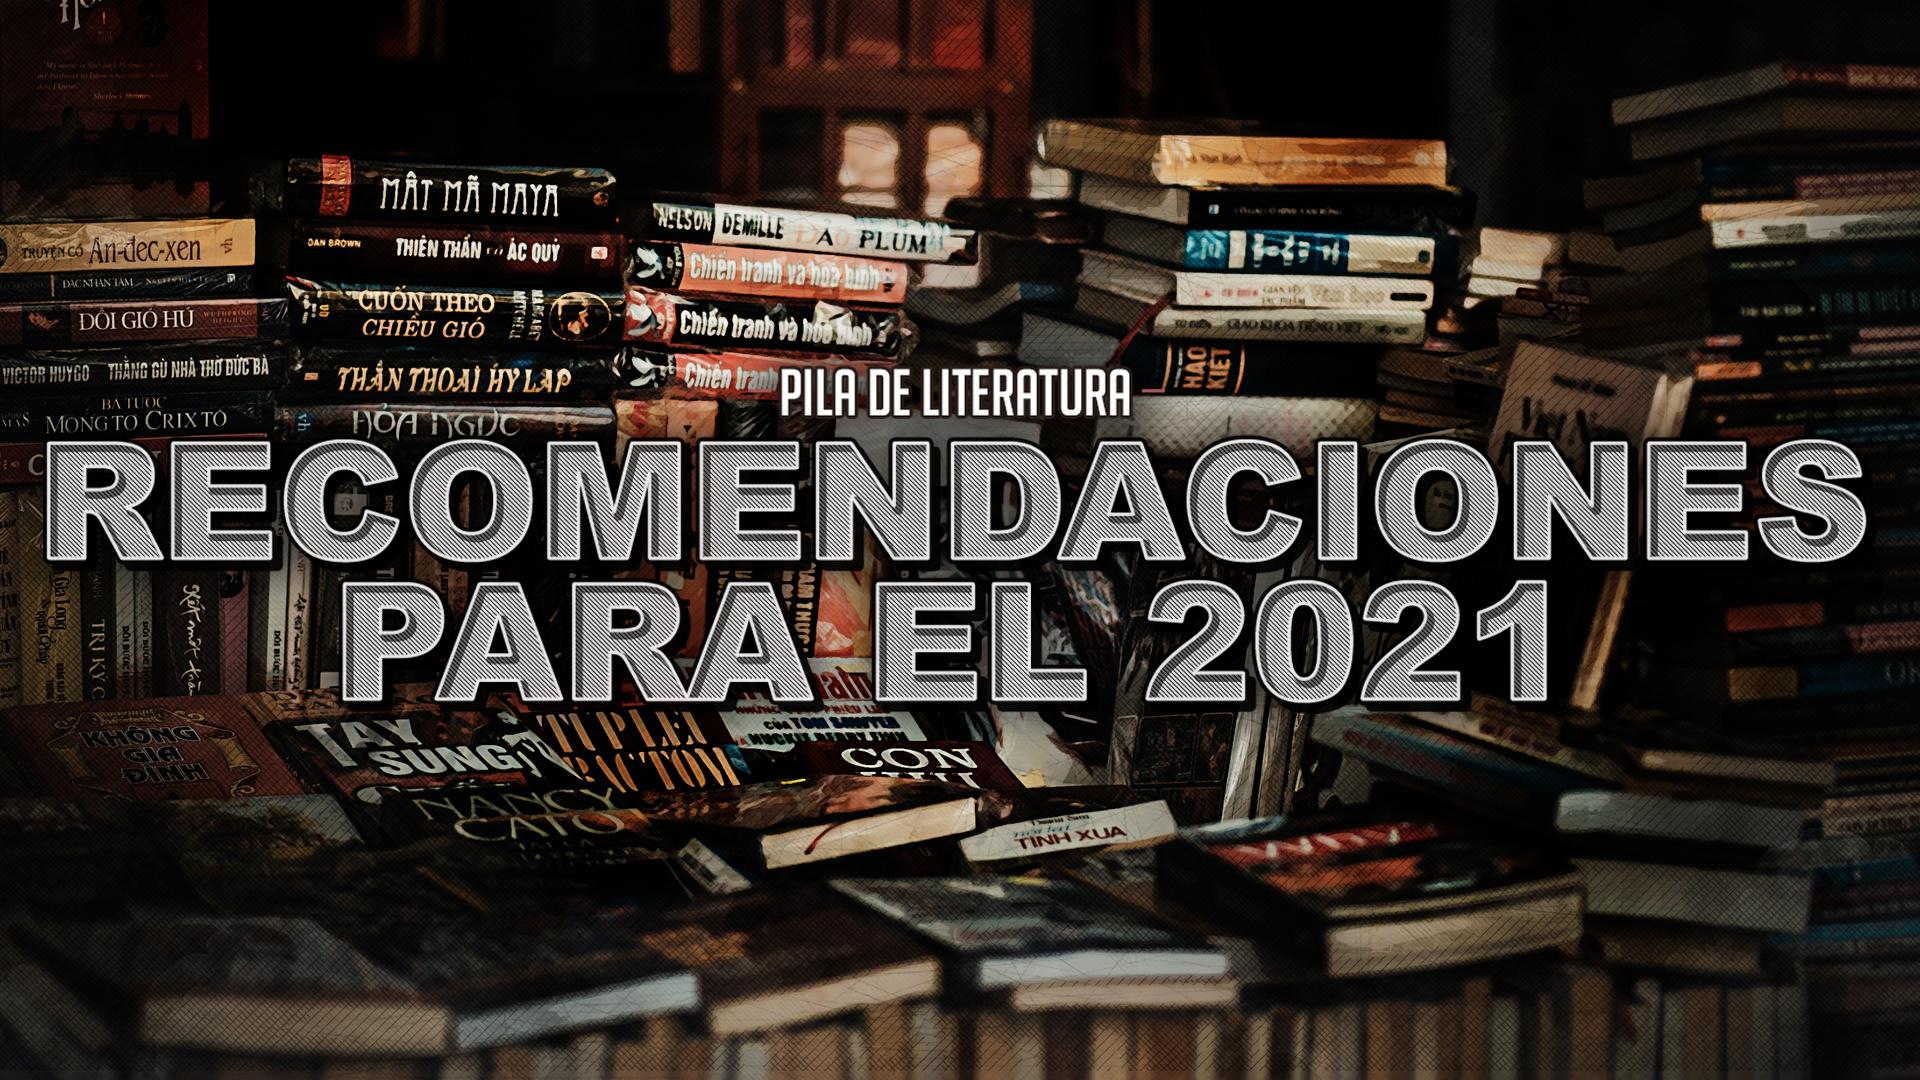 Pila de Literatura – Recomendaciones para el 2021 con Erika Abrego y Jimena Morelos de Pixelbits y Eric Portnoy